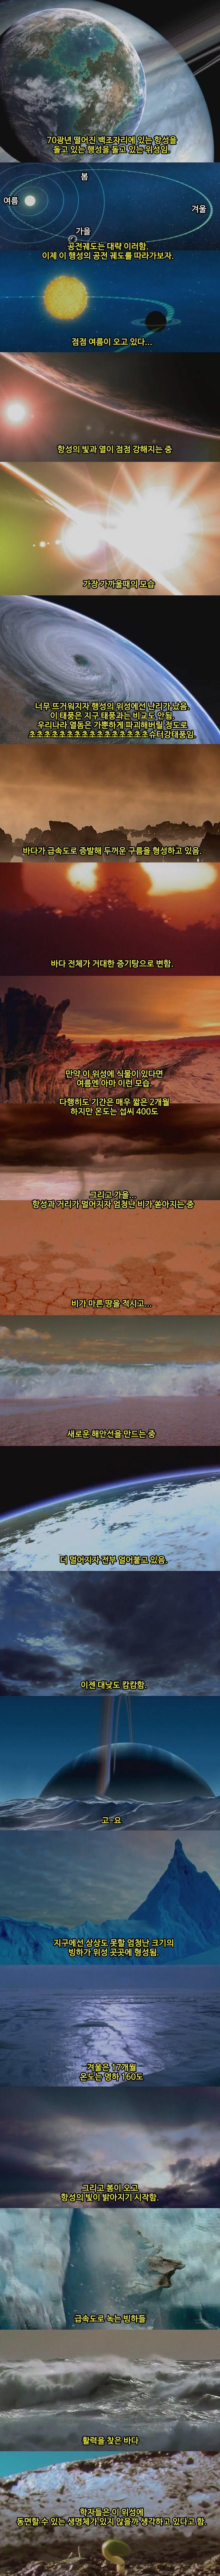 사계절이 뚜렷한 외계행성.jpg